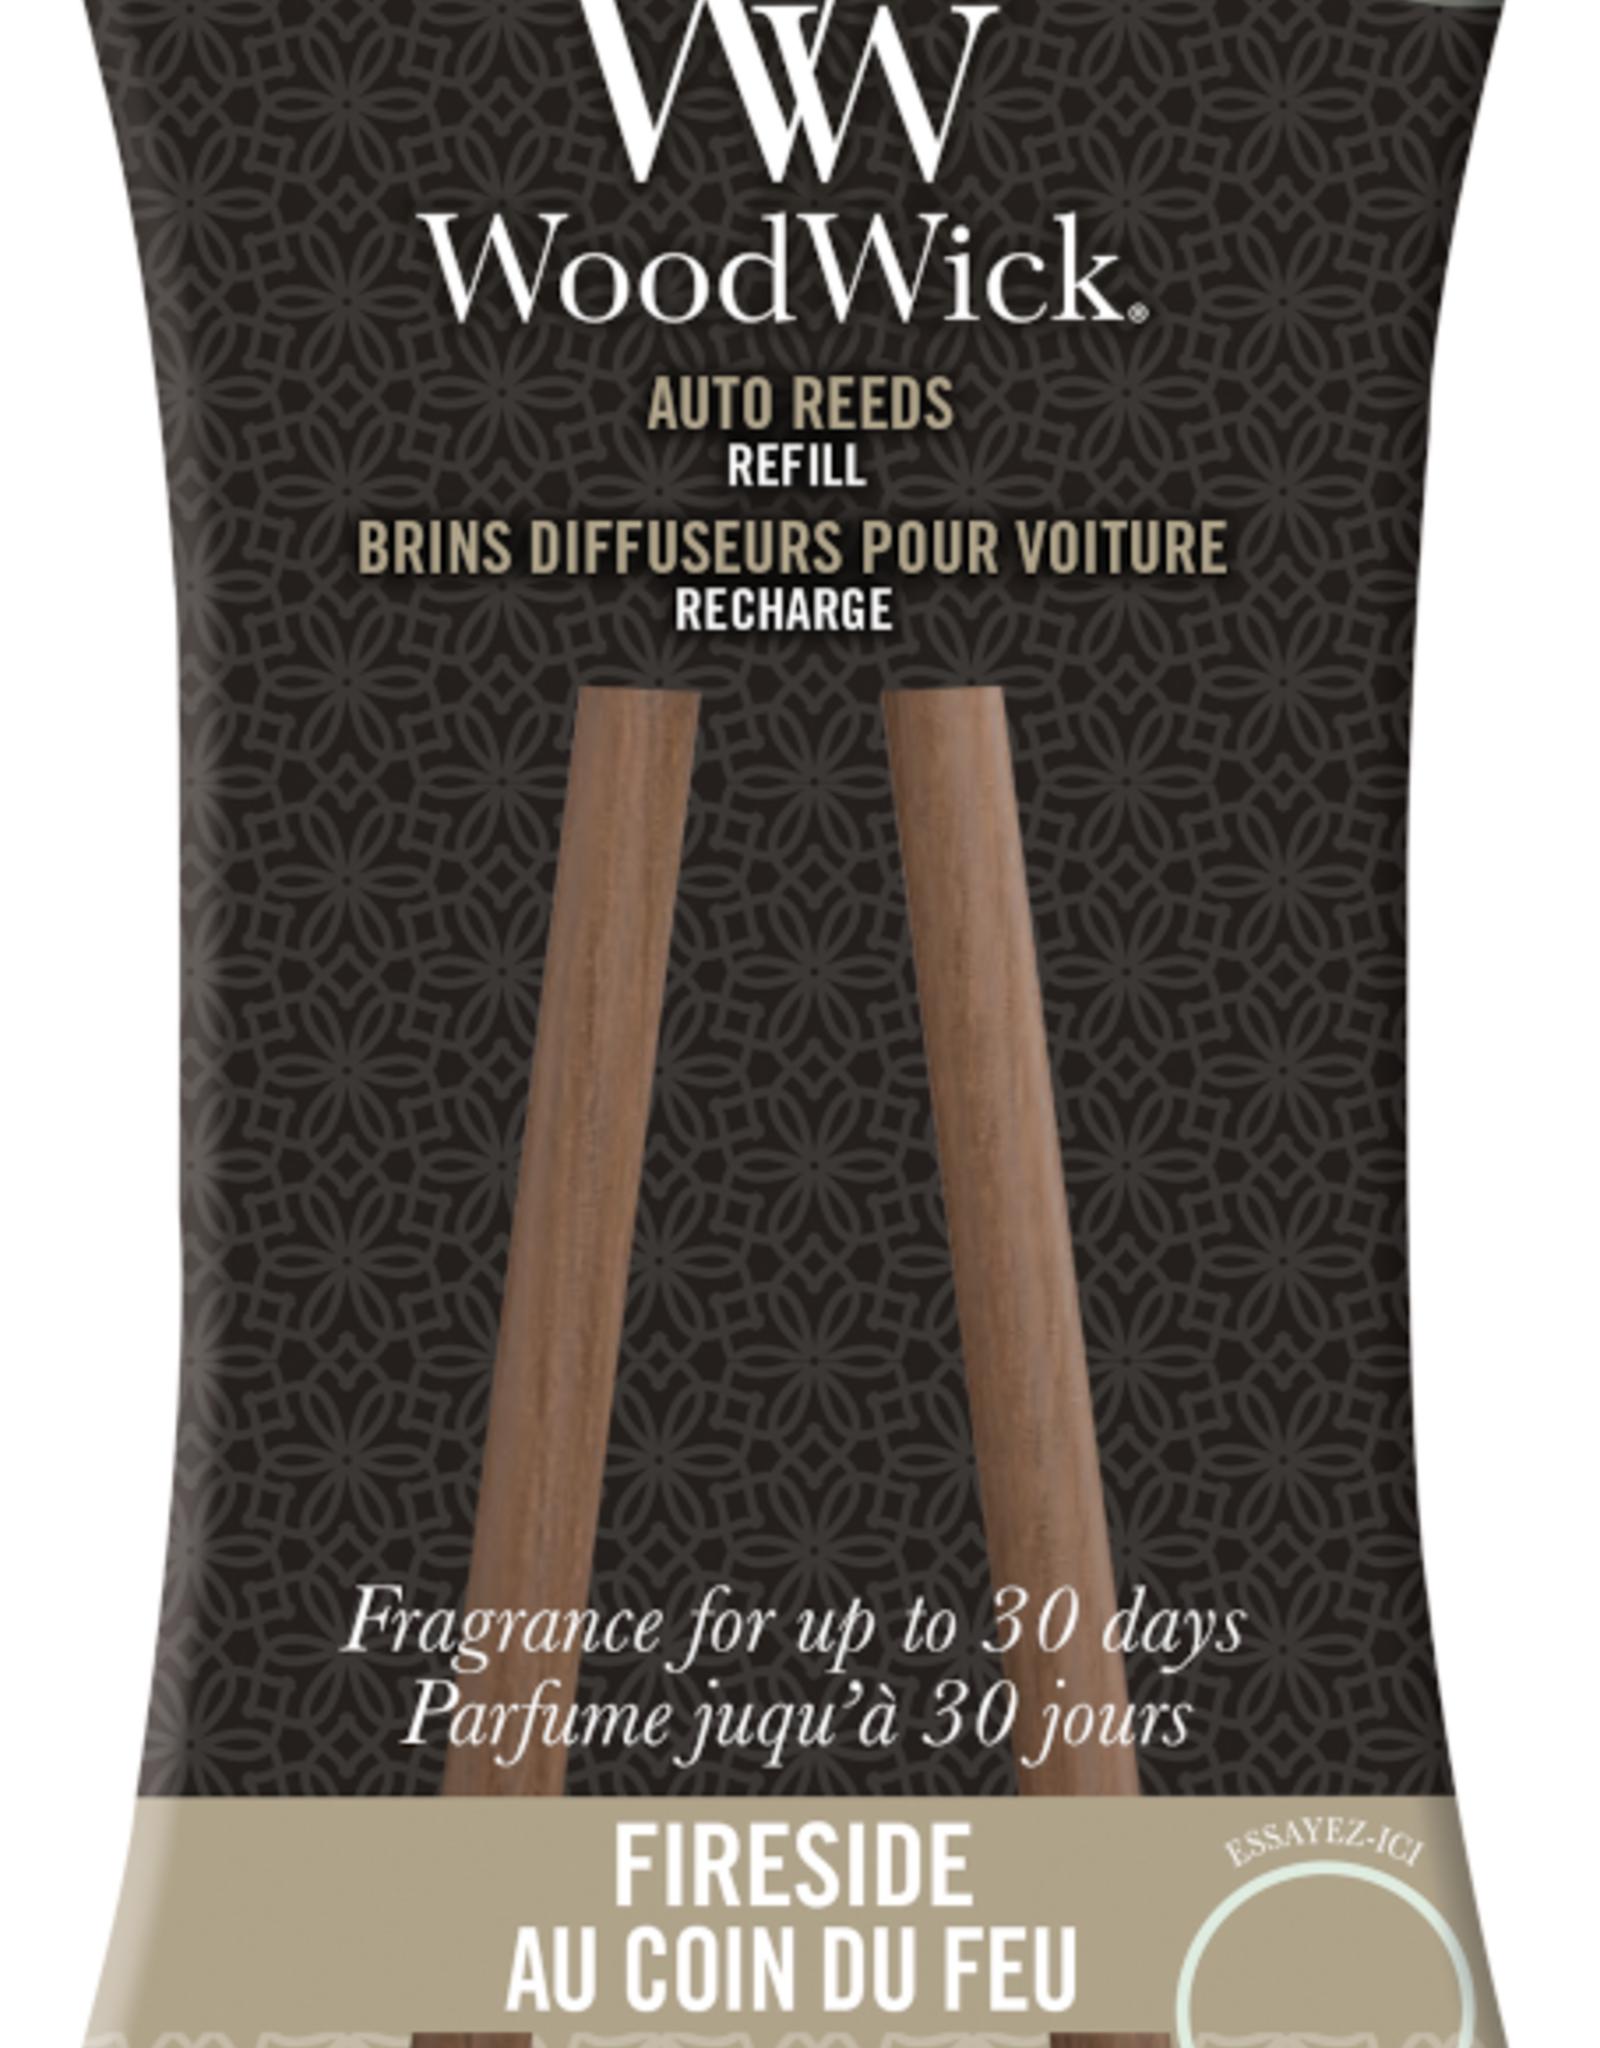 Woodwick Woodwick Auto Reed Refill Fireside